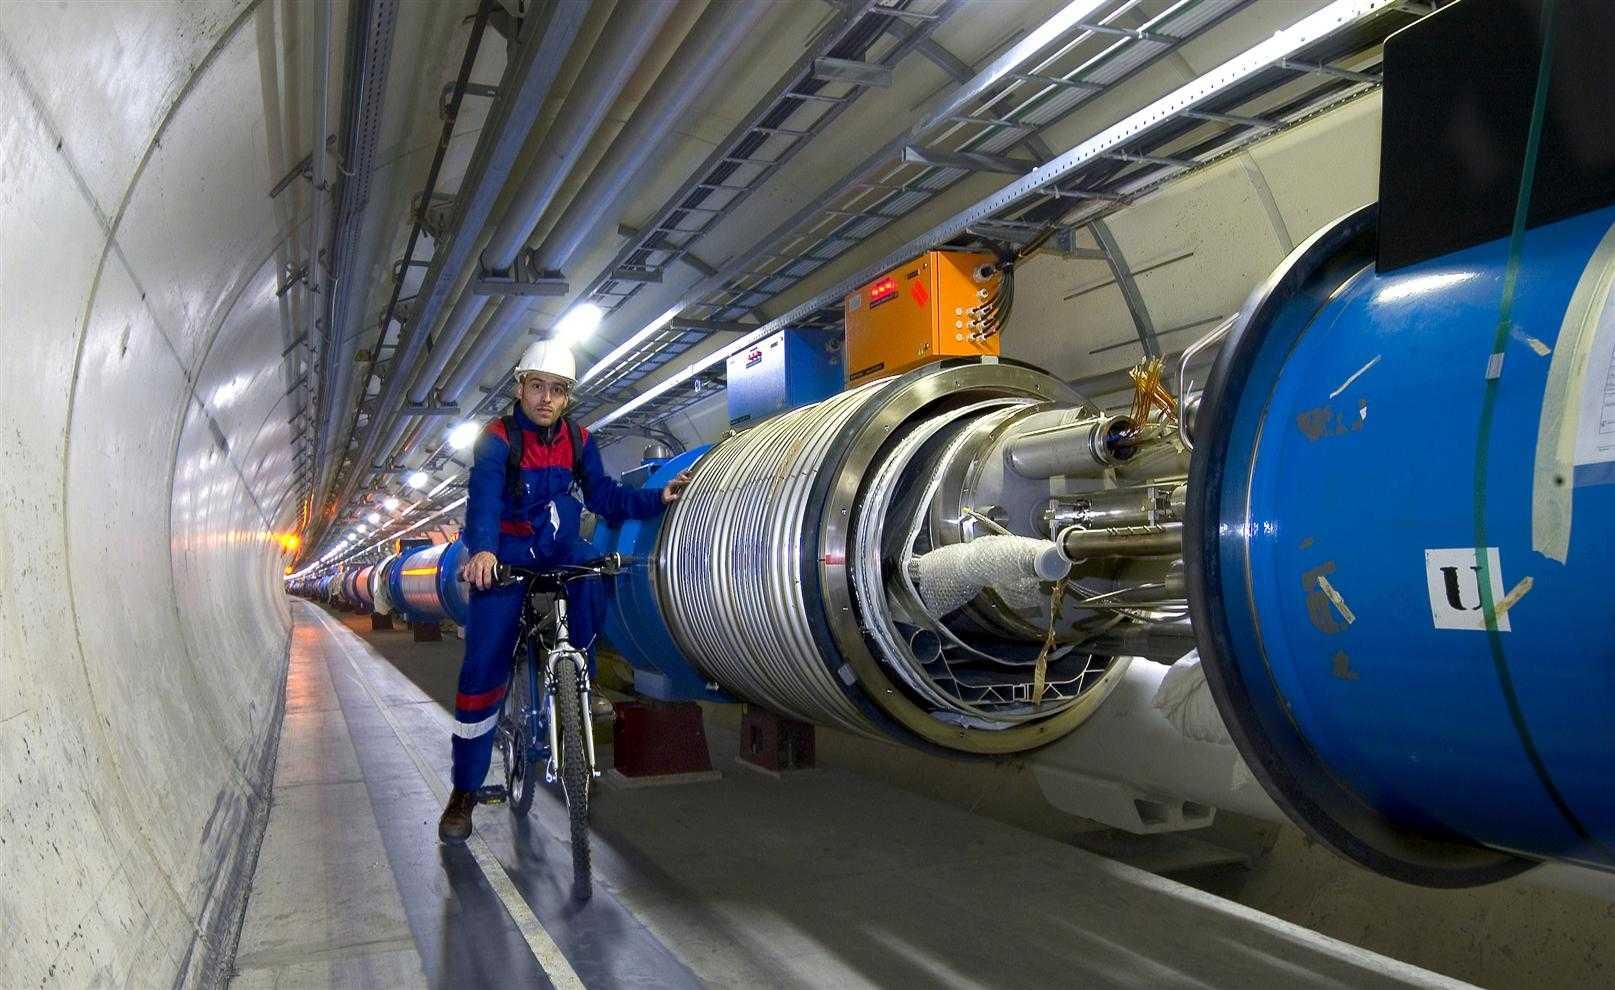 Физики впервые обнаружили взаимодействие фотонов друг с другом